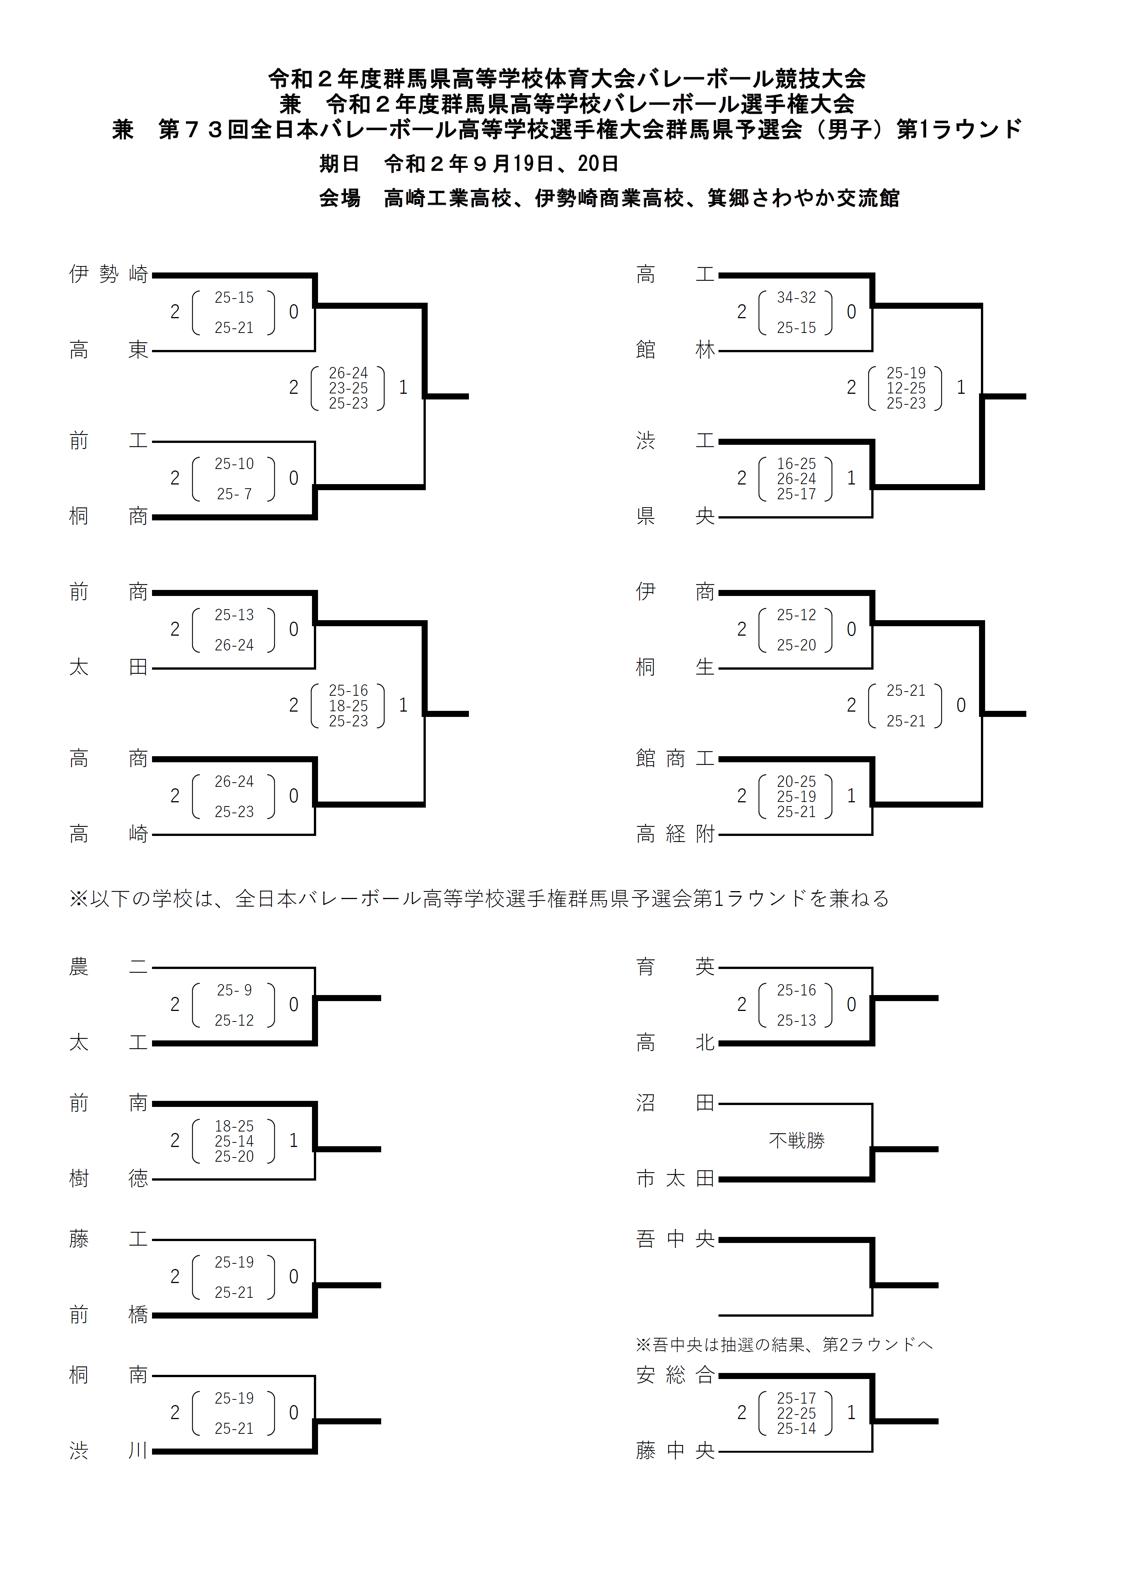 2020年度_全日本高校選手権_群馬予選_男子_1次ラウンド_結果